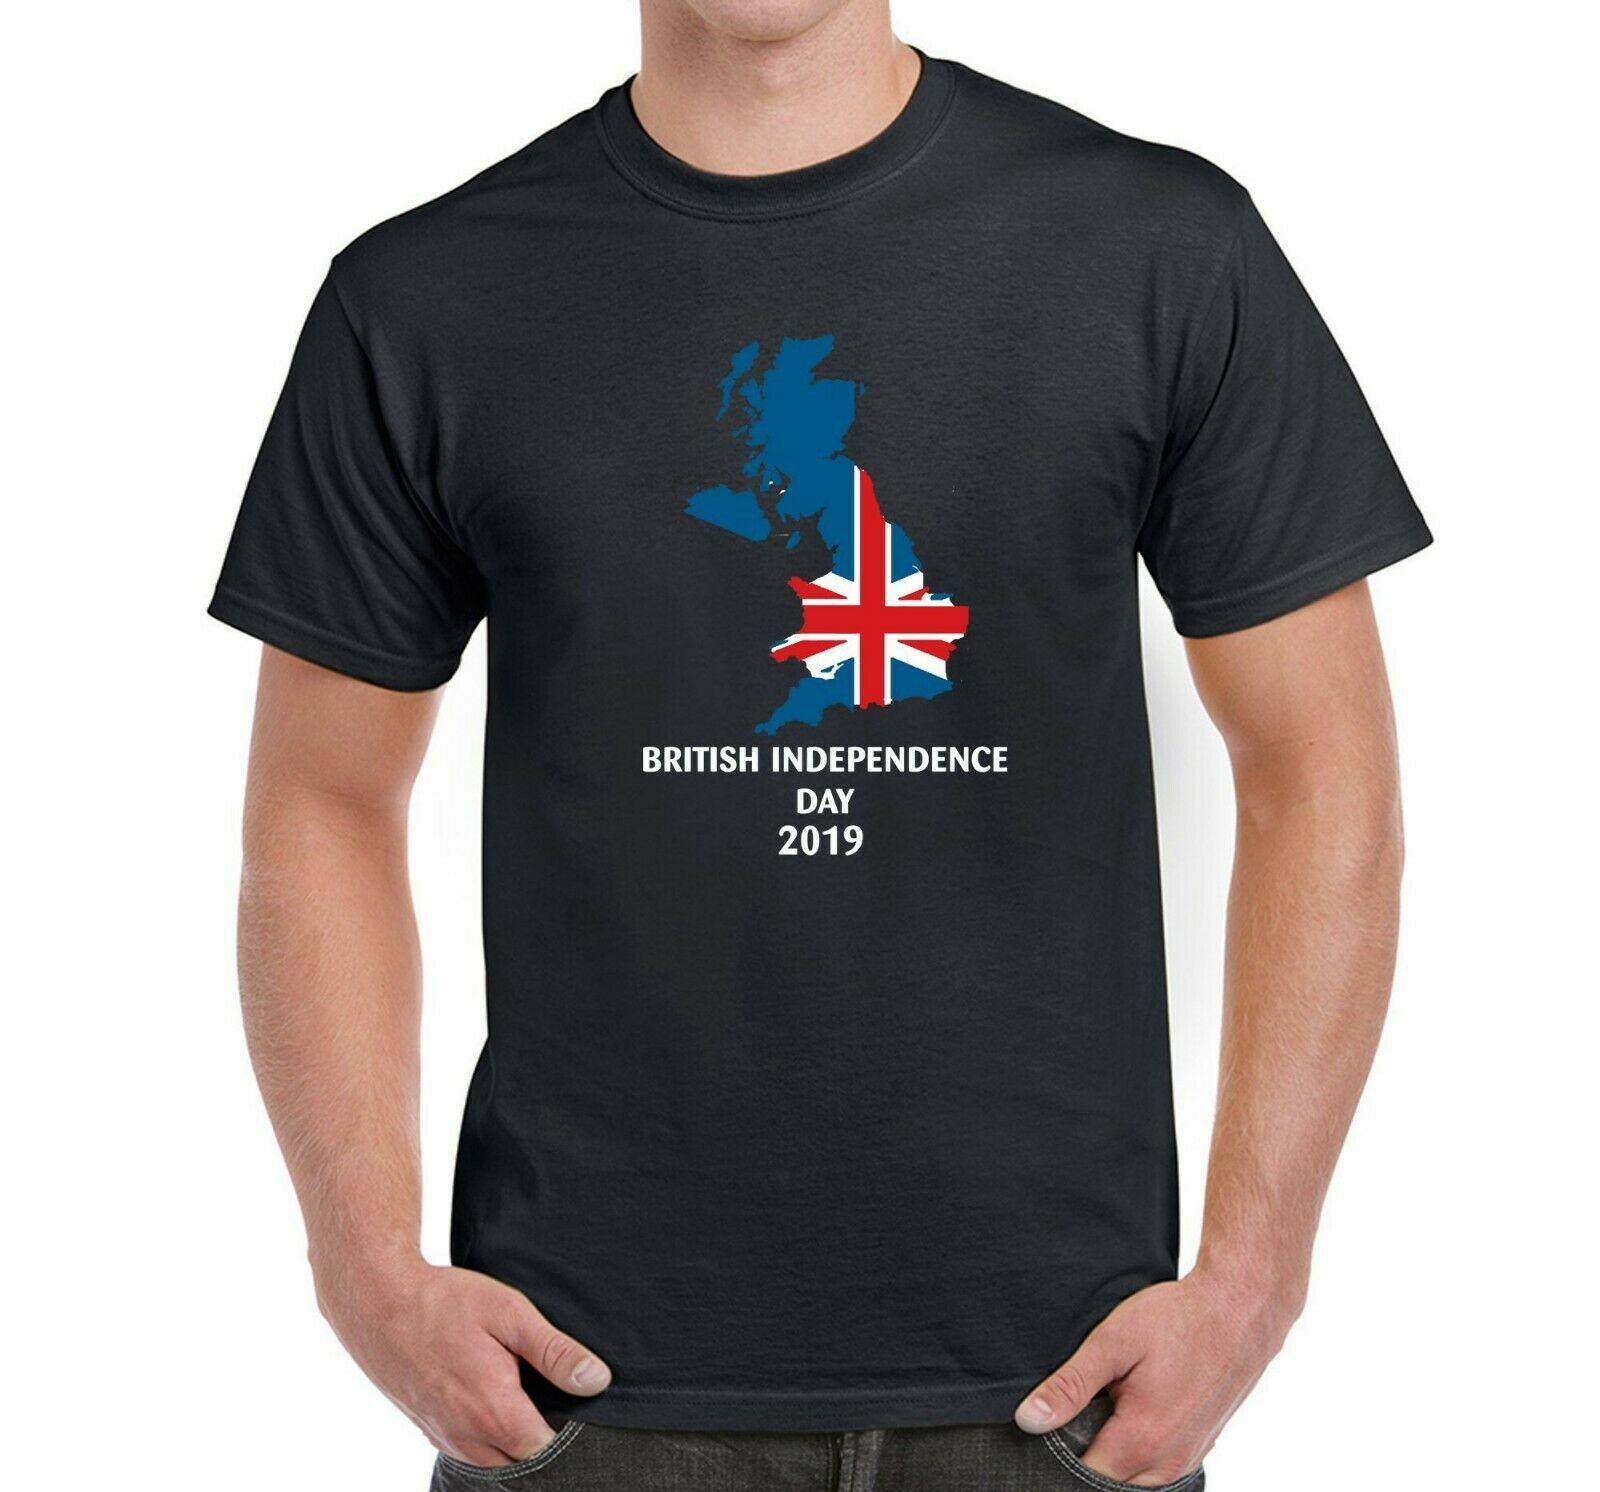 Día de la Independencia británica 2020 V2 Brexit Dejar Indicador de la UE T ShirtMen Wo hombres Moda Unisex camiseta envío